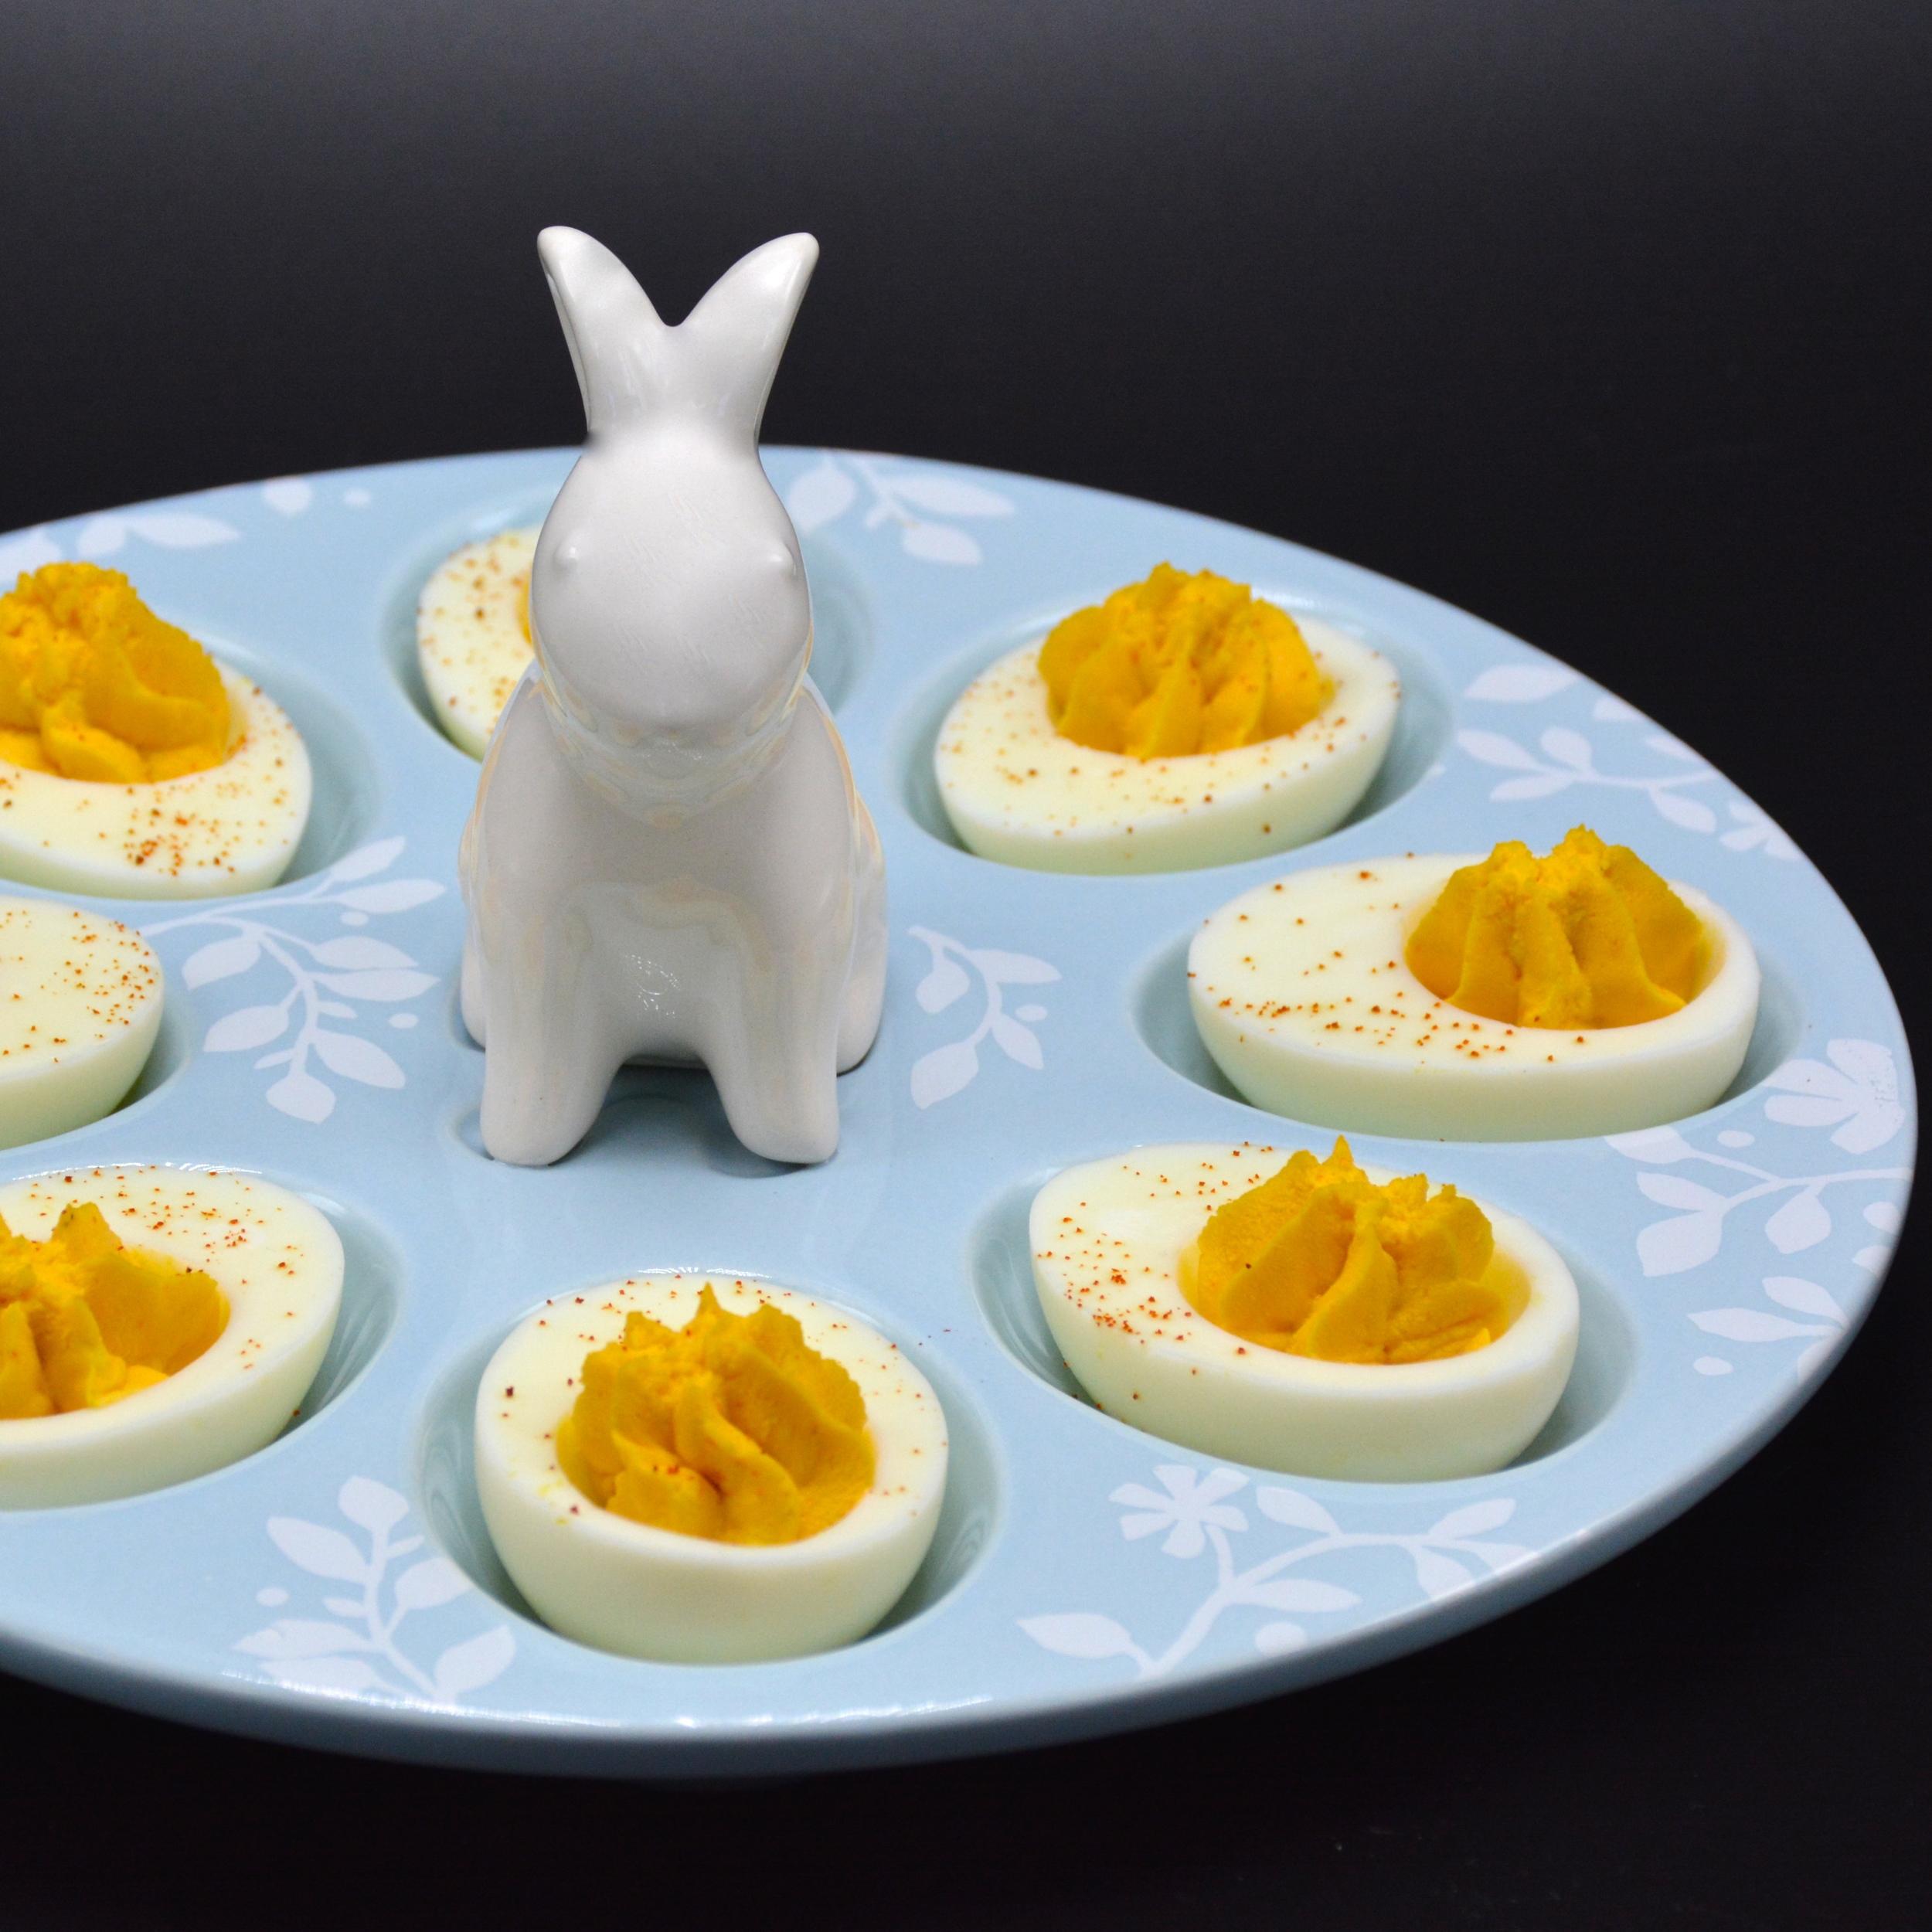 Garlic sriracha deviled eggs